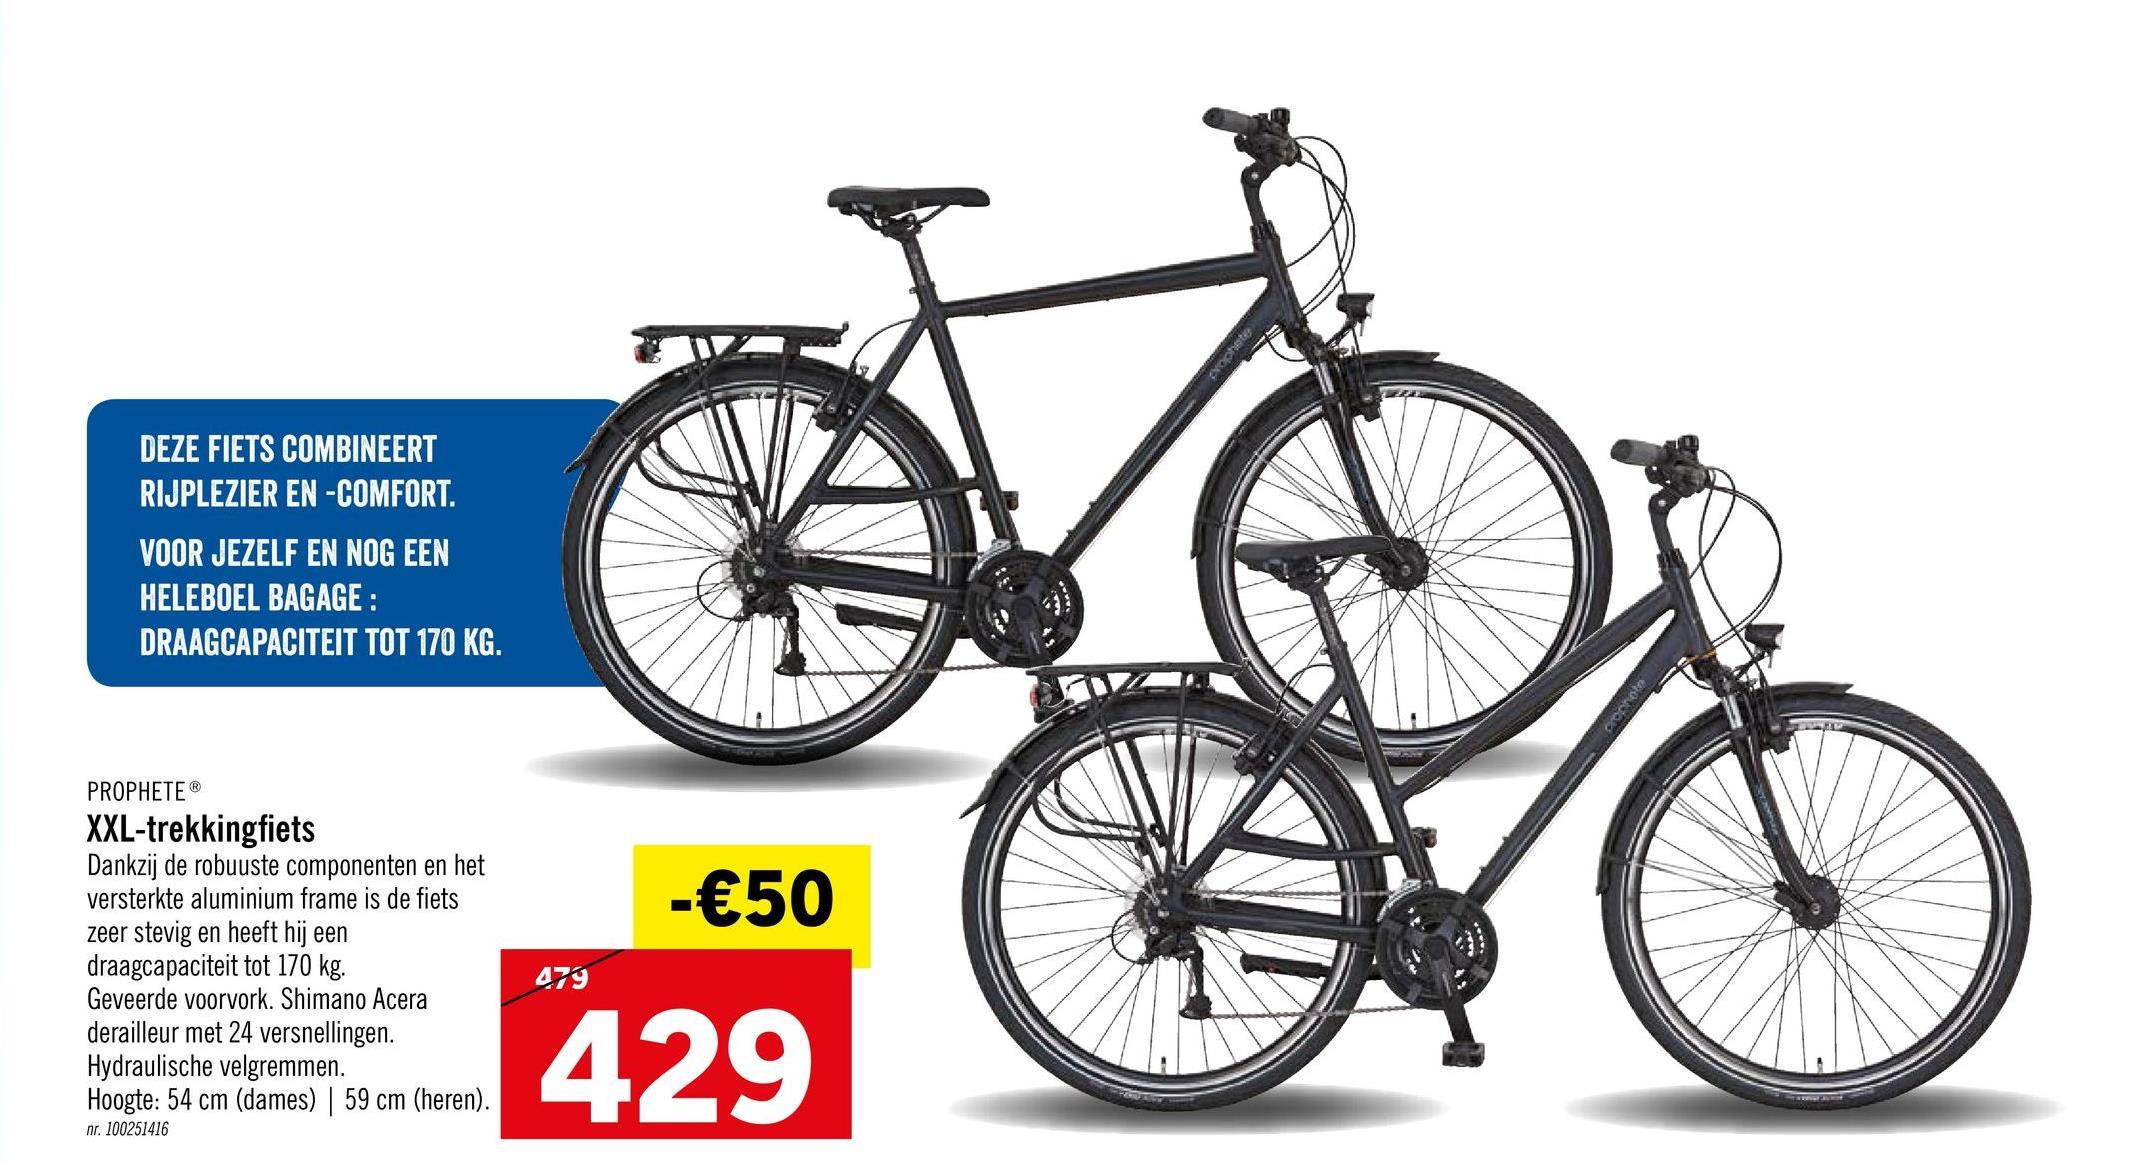 DEZE FIETS COMBINEERT RIJPLEZIER EN -COMFORT. VOOR JEZELF EN NOG EEN HELEBOEL BAGAGE : DRAAGCAPACITEIT TOT 170 KG. - €50 PROPHETEⓇ XXL-trekkingfiets Dankzij de robuuste componenten en het versterkte aluminium frame is de fiets zeer stevig en heeft hij een draagcapaciteit tot 170 kg. Geveerde voorvork. Shimano Acera derailleur met 24 versnellingen. Hydraulische velgremmen. Hoogte: 54 cm (dames) | 59 cm (heren). 479 429 nr. 100251416